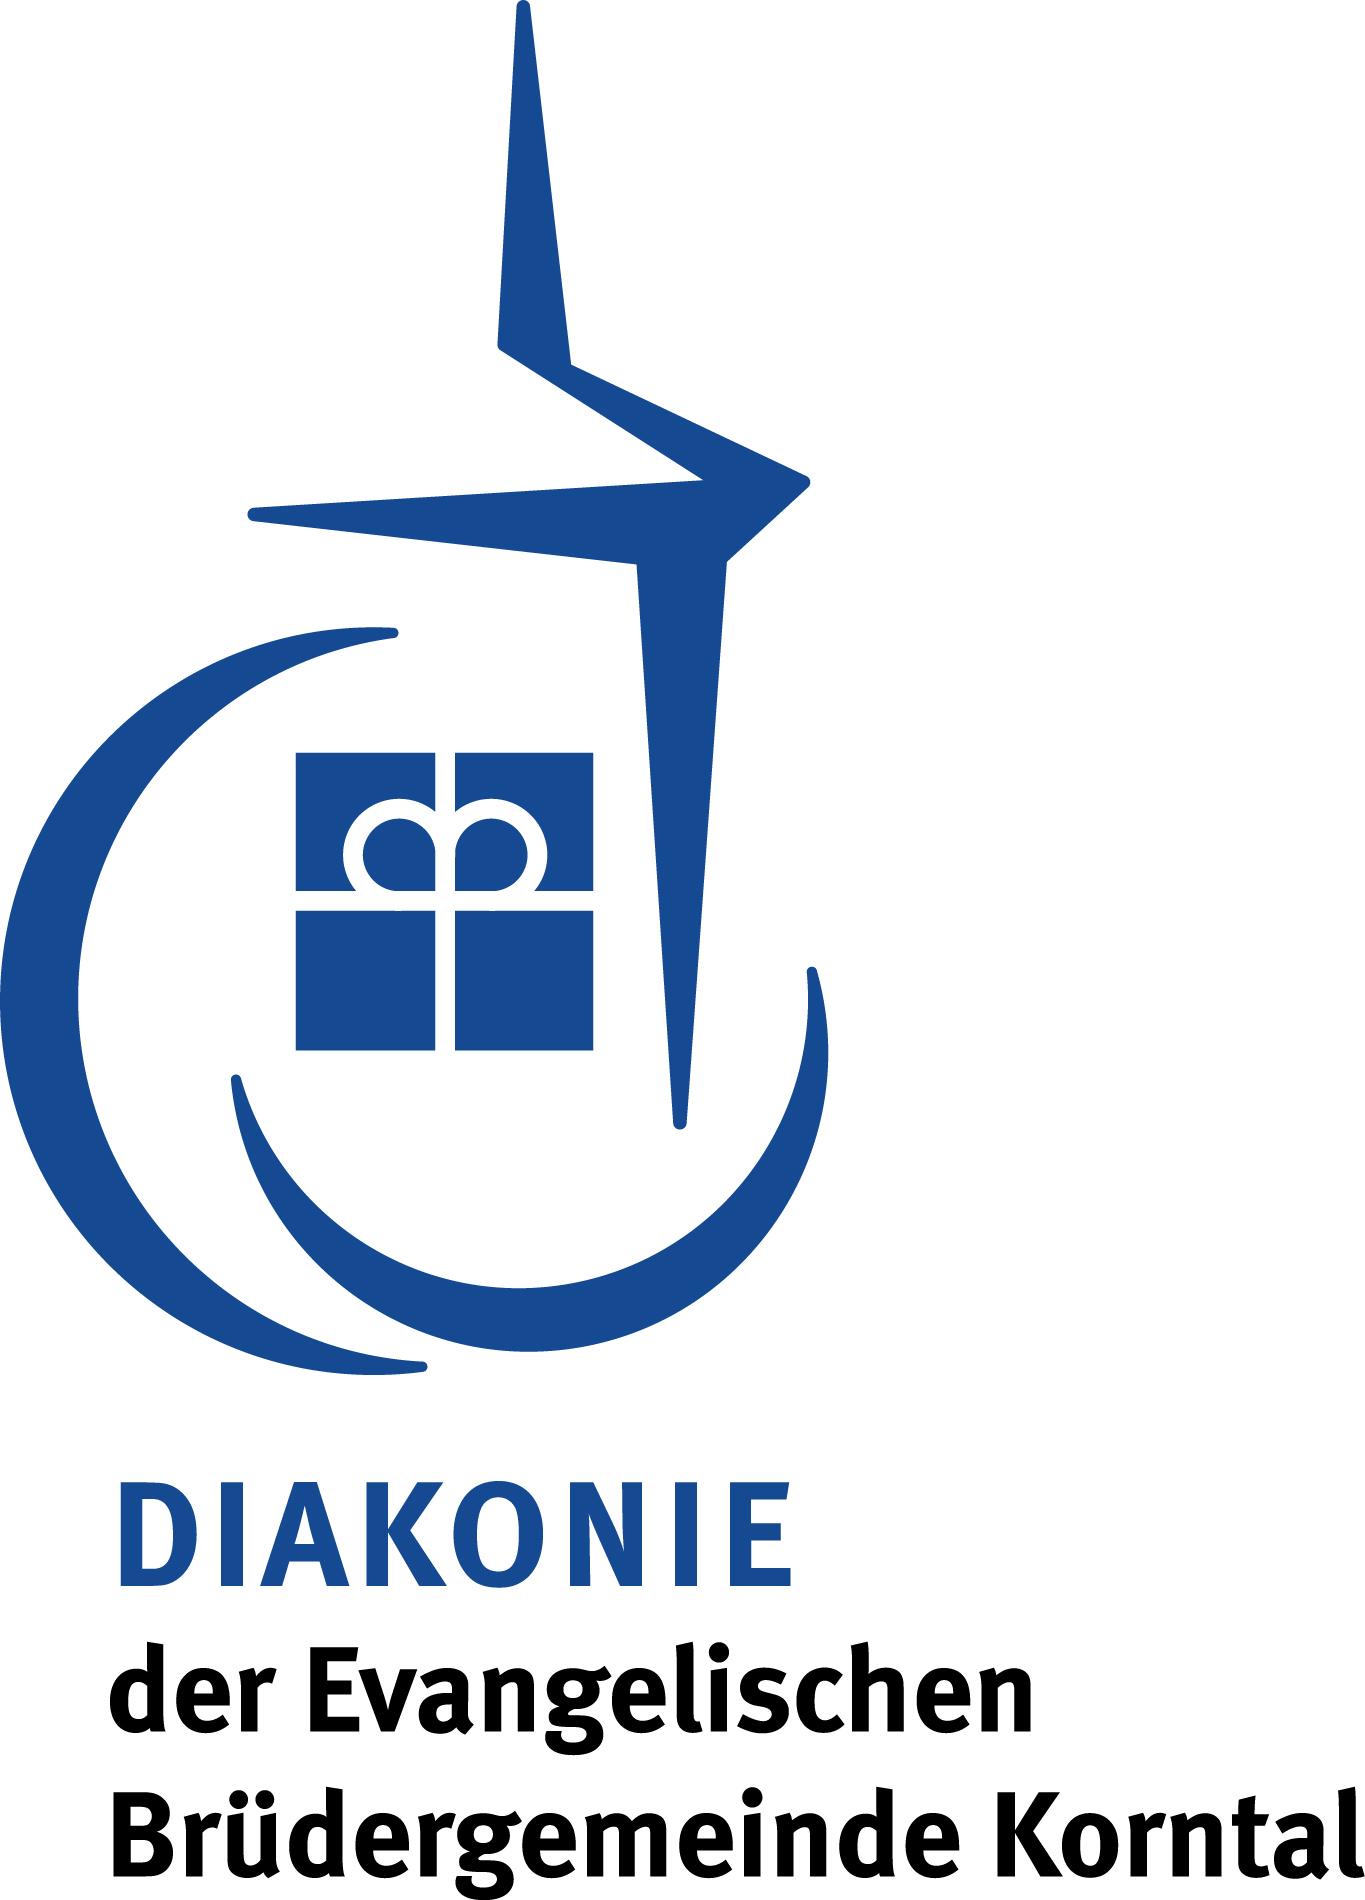 Logo: Diakonie der Ev. Brüdergemeinde Korntal gGmbH - Schulbauernhof Zukunftsfelder